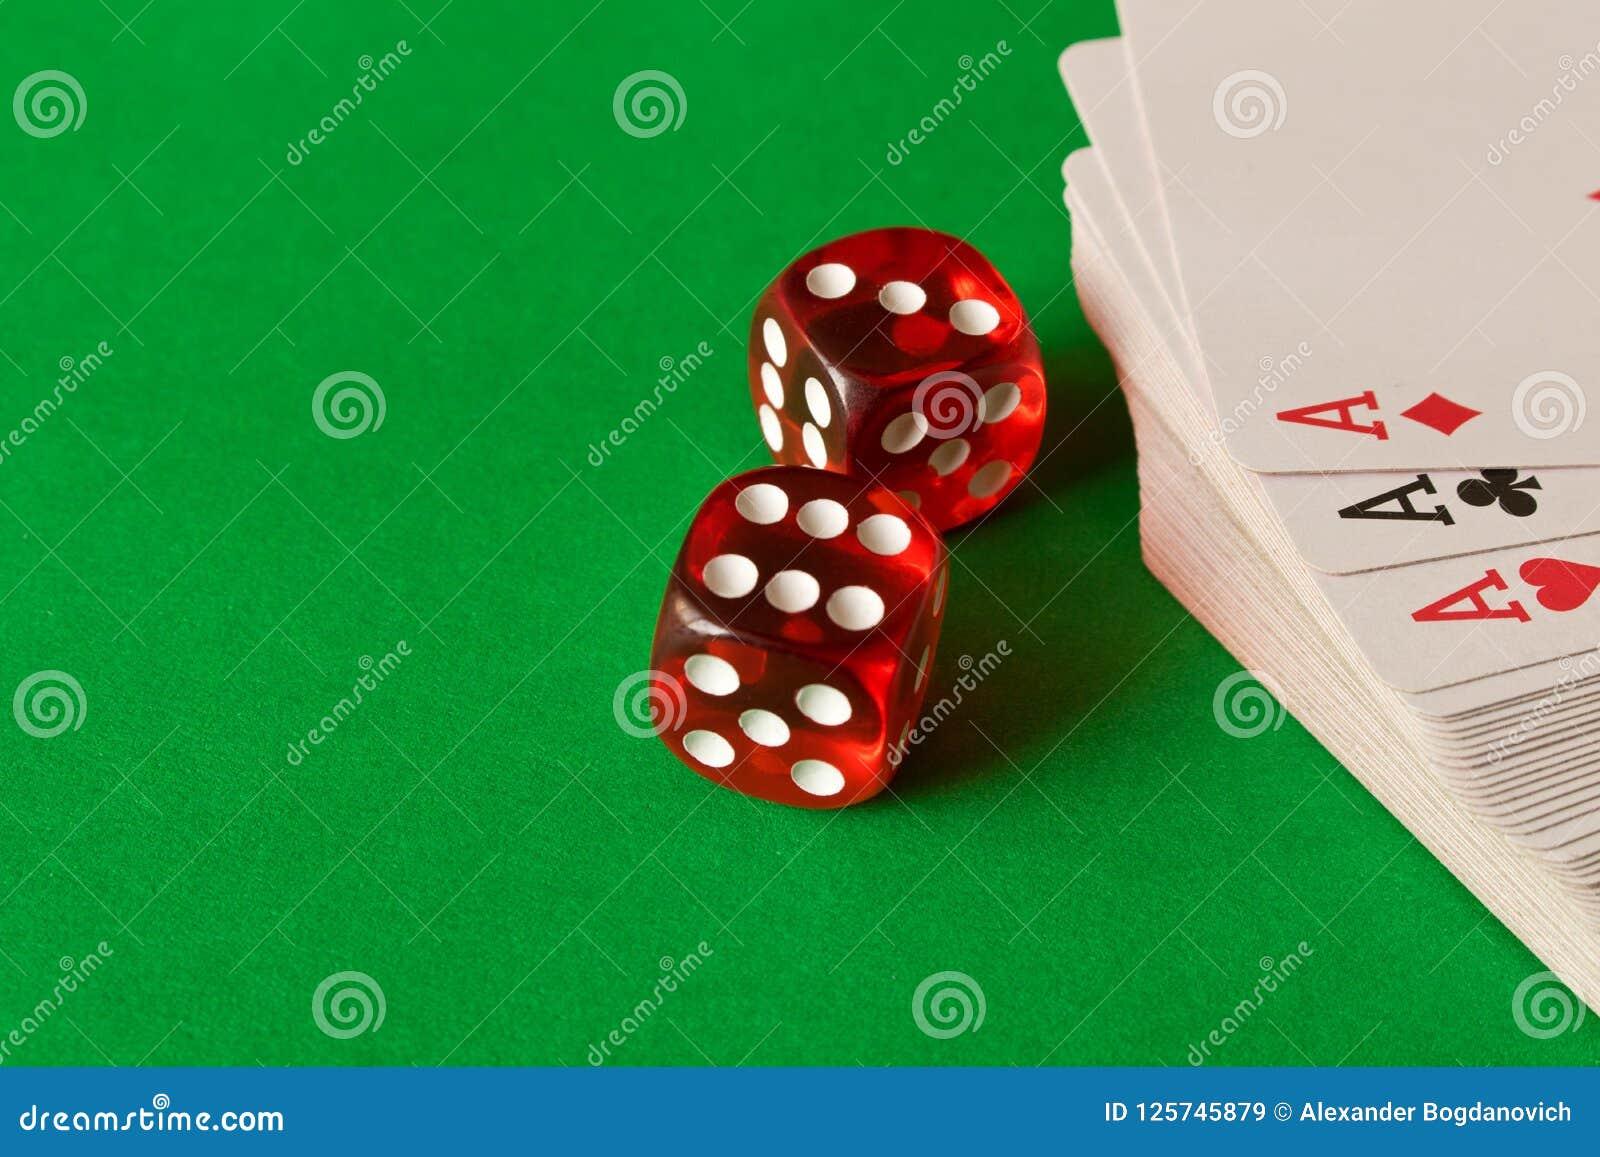 Découpez et en jouant des cartes sur la table verte Concept de jeu gibiers